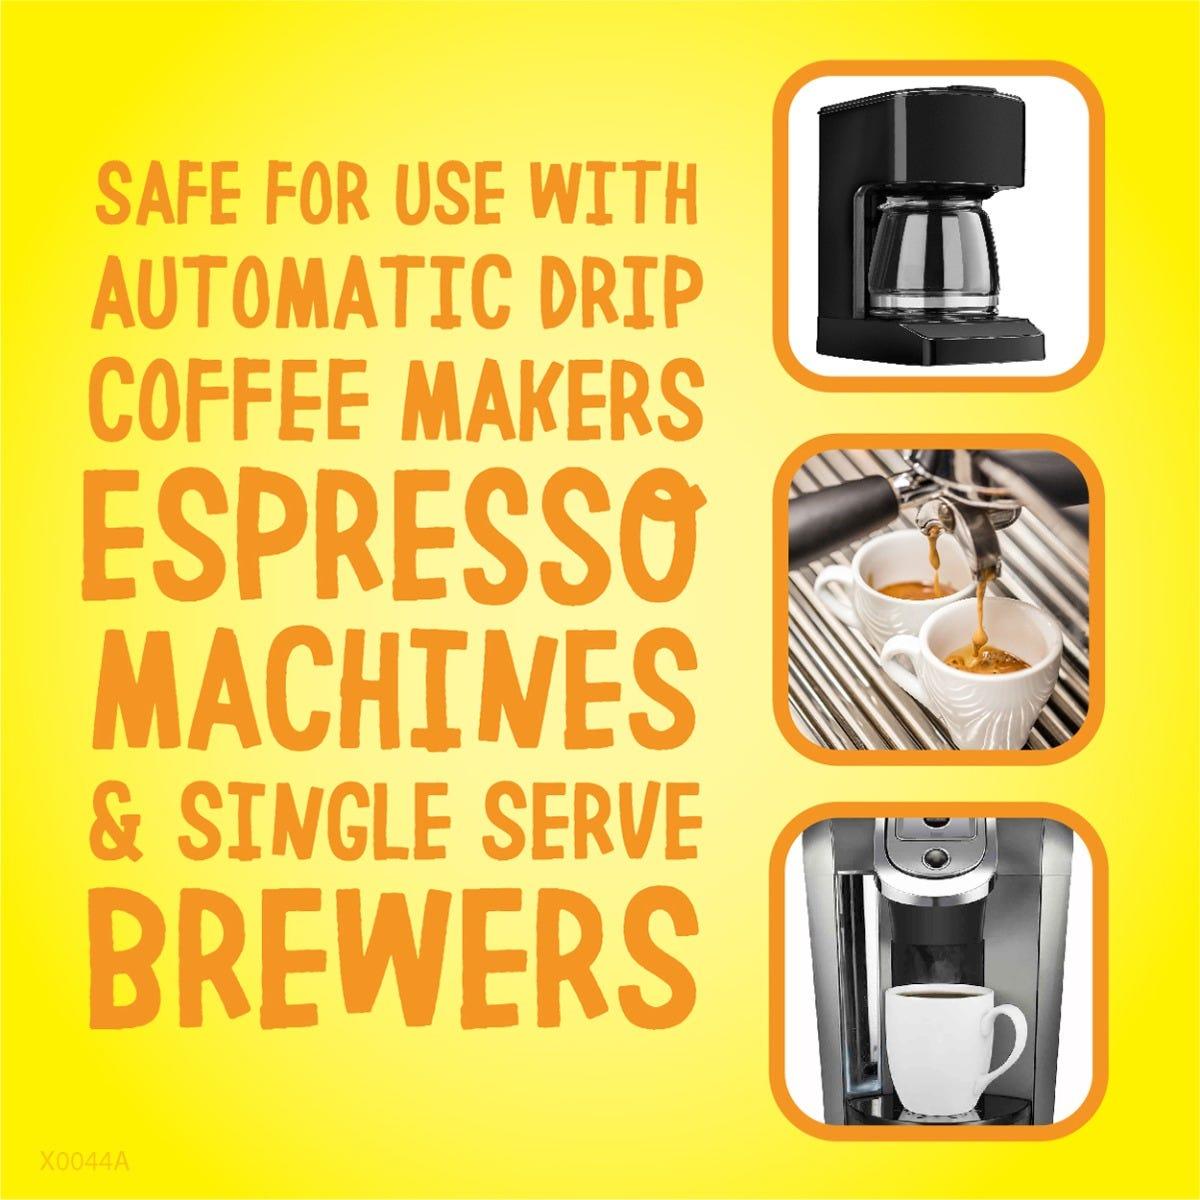 https://googone.com/media/catalog/product/c/o/coffee_maker_cleaner_uses.jpg